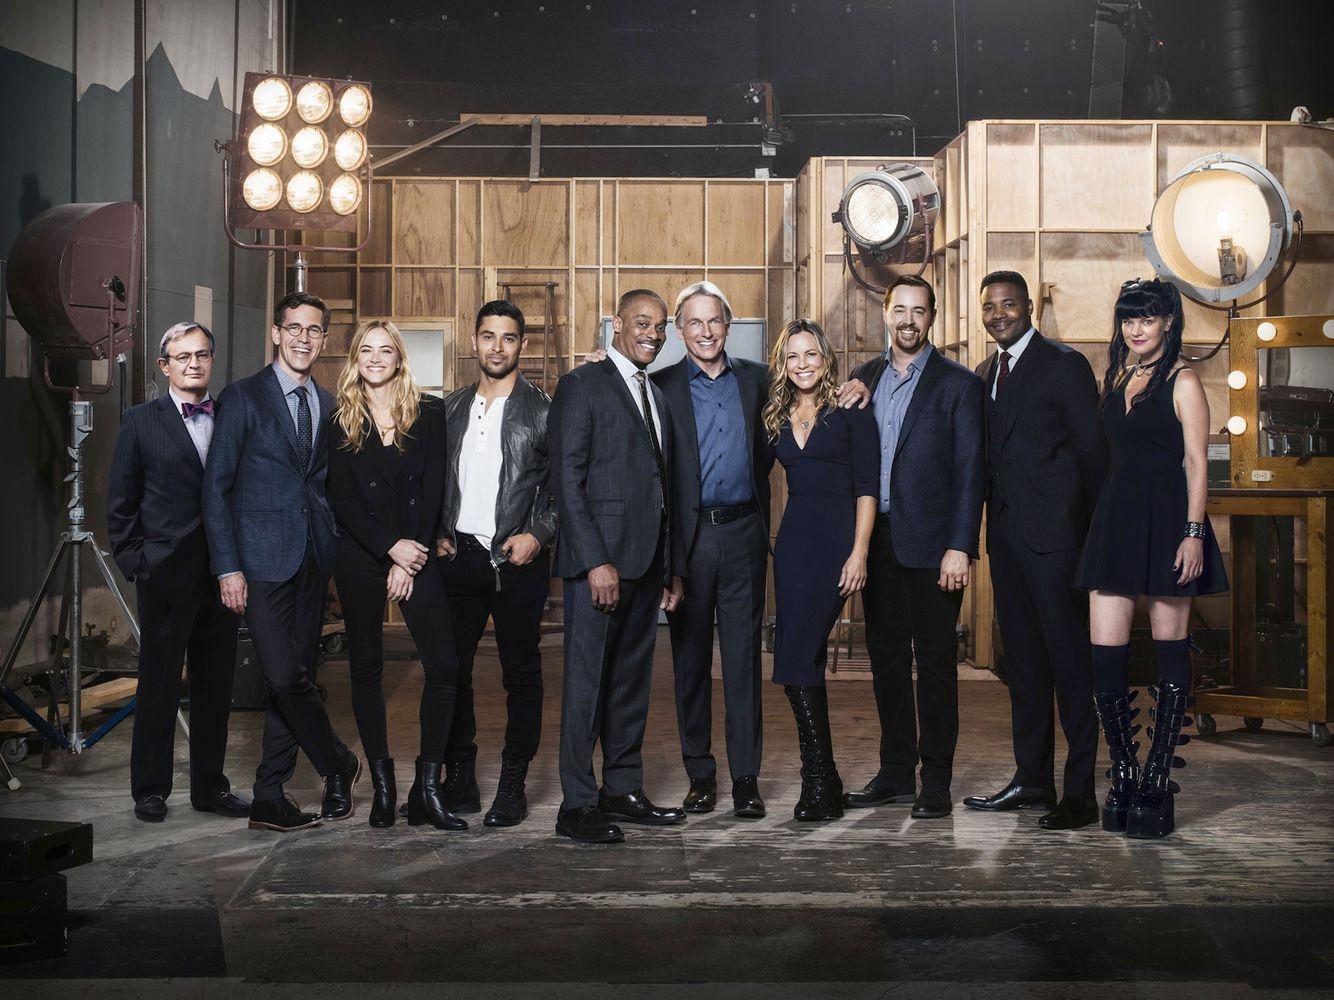 NCIS • Cast • 2018